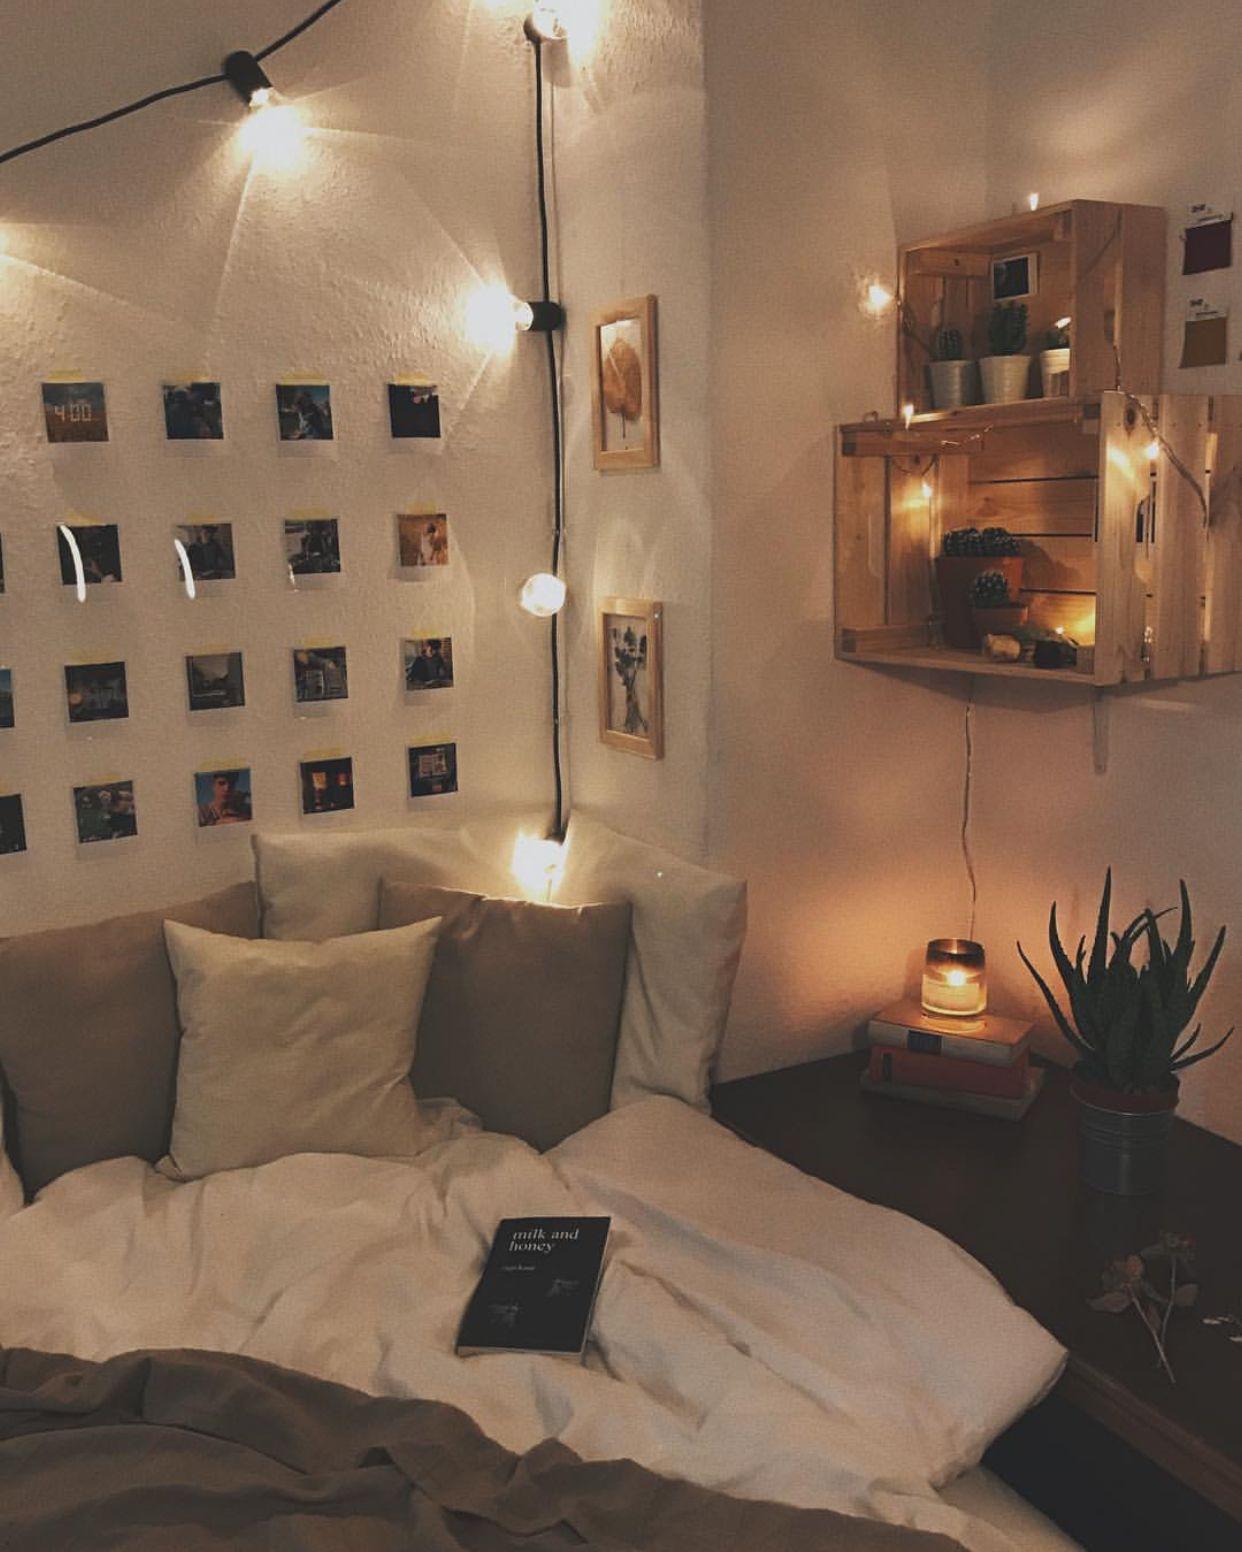 Dorm Room, Bedroom Decor, Cozy